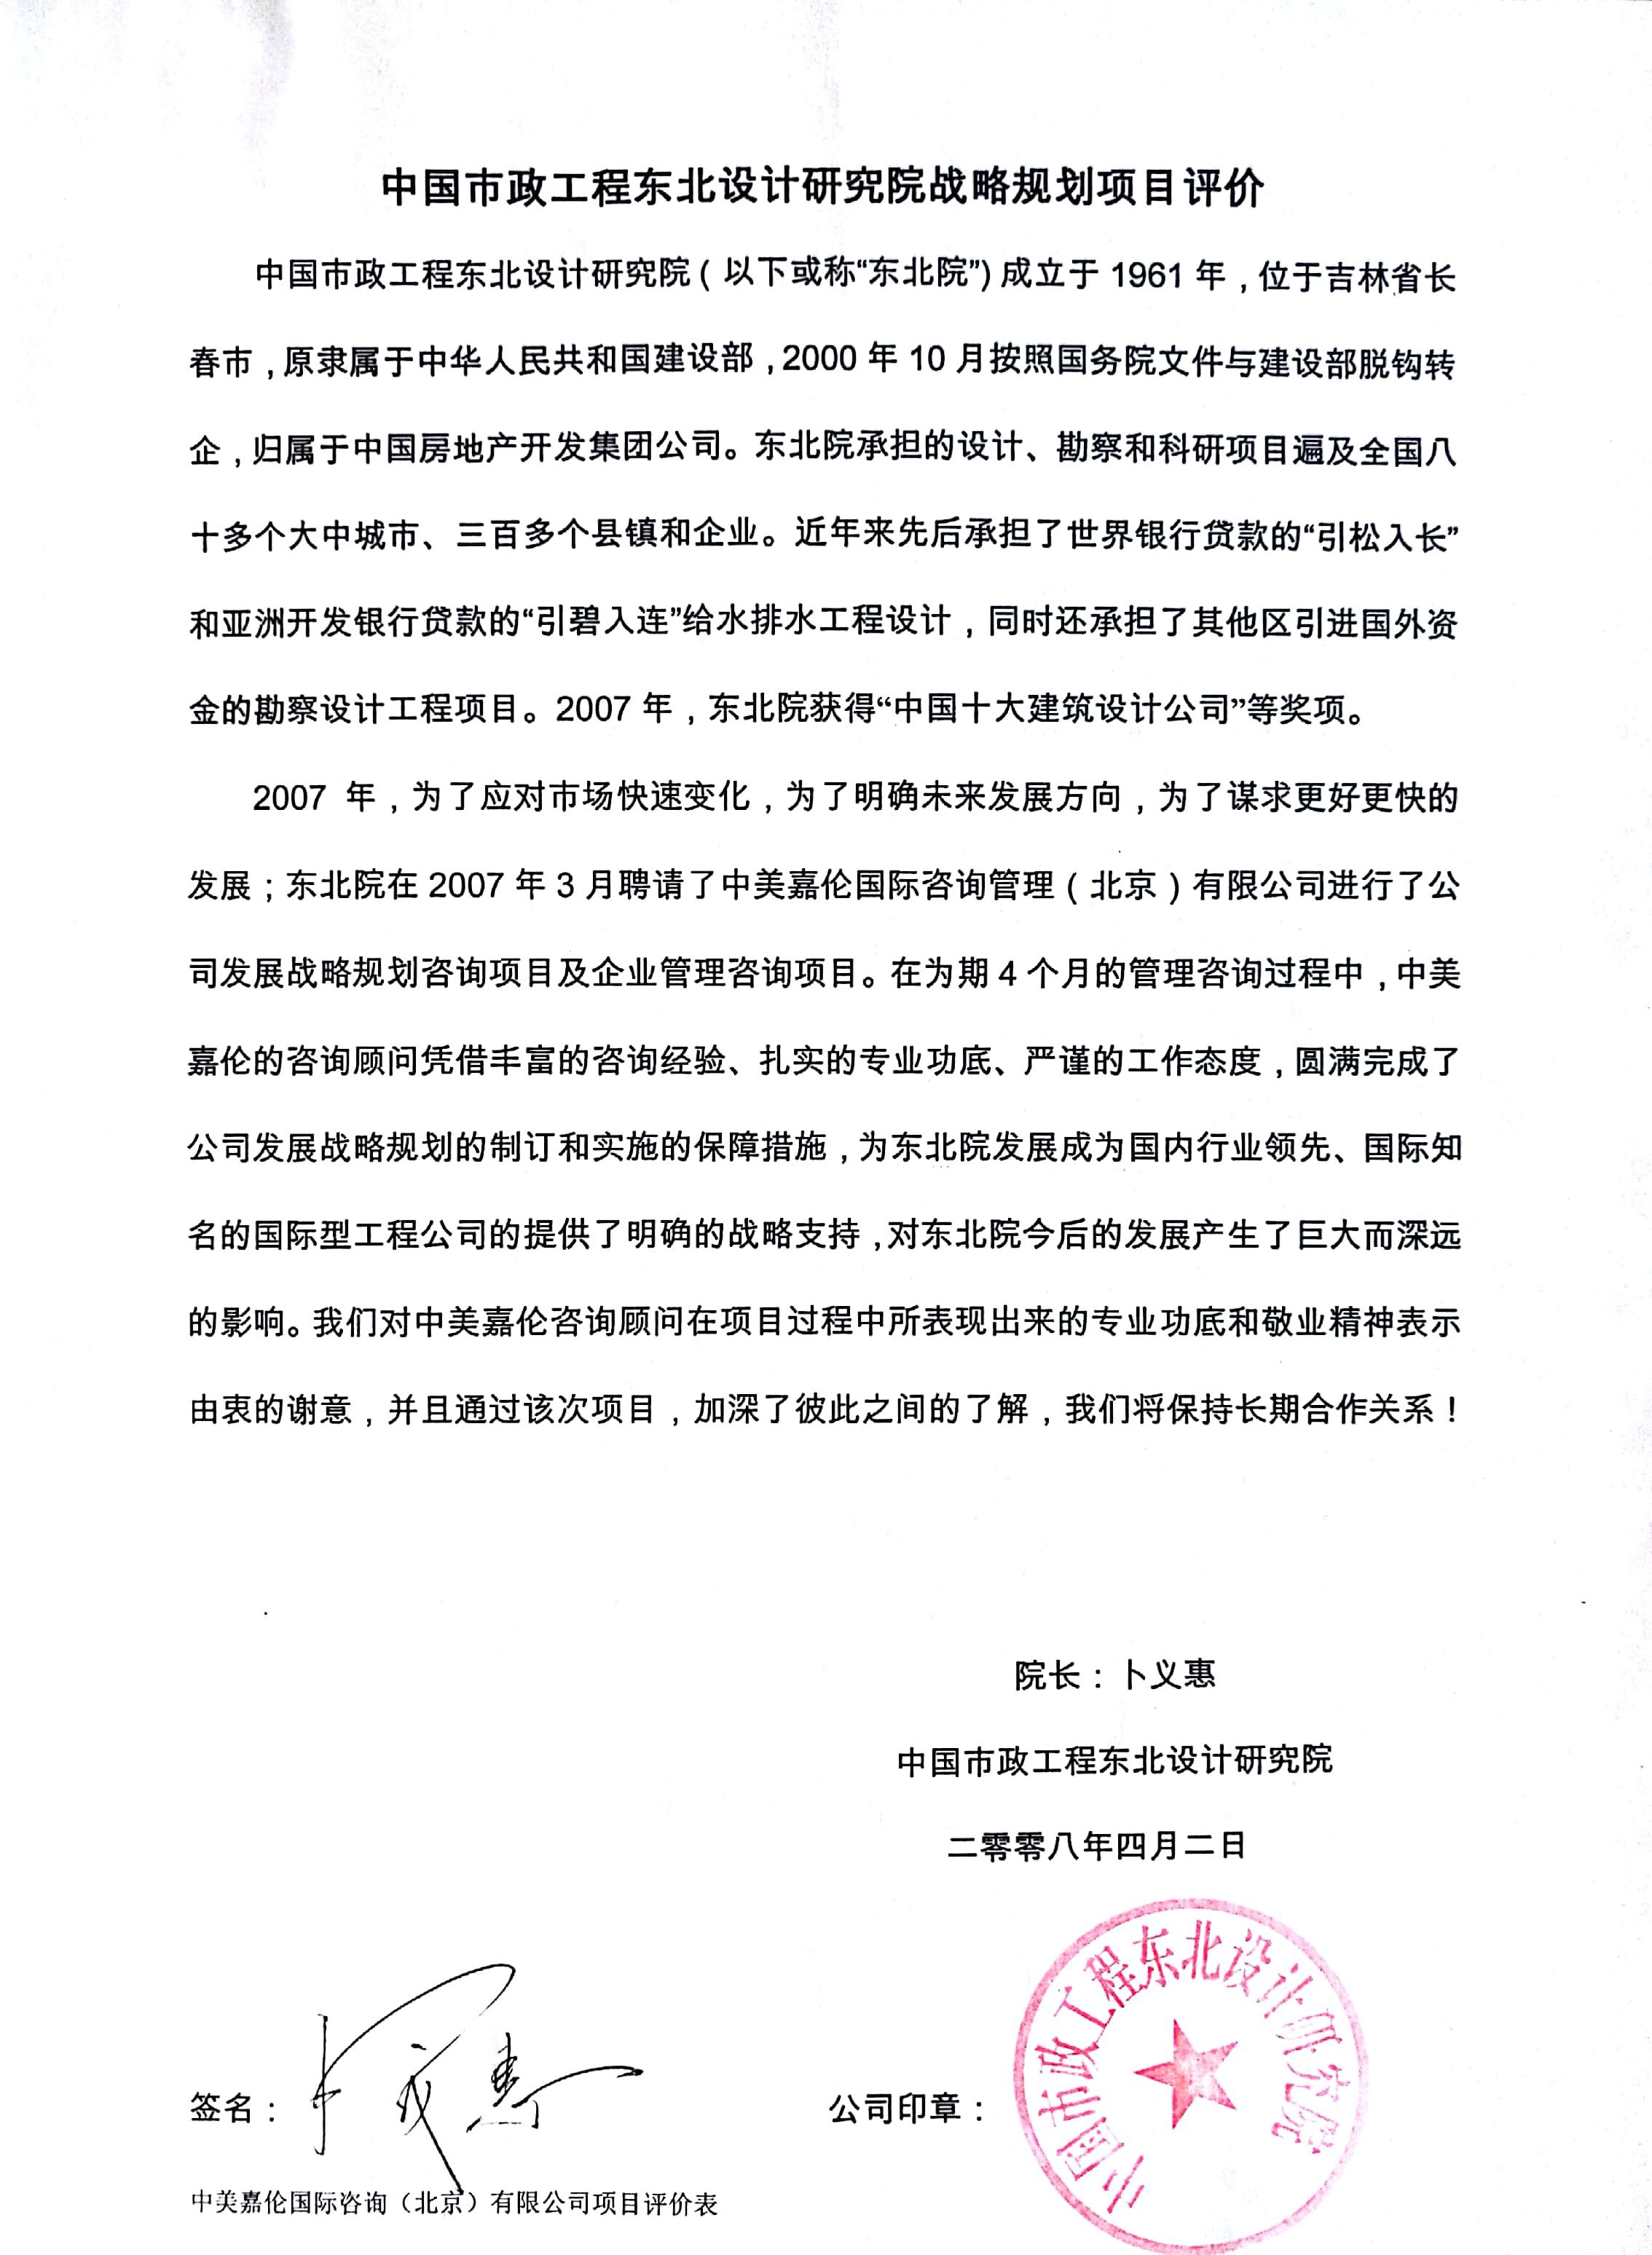 中国市政工程东北设计研究院战略规划项目评价表